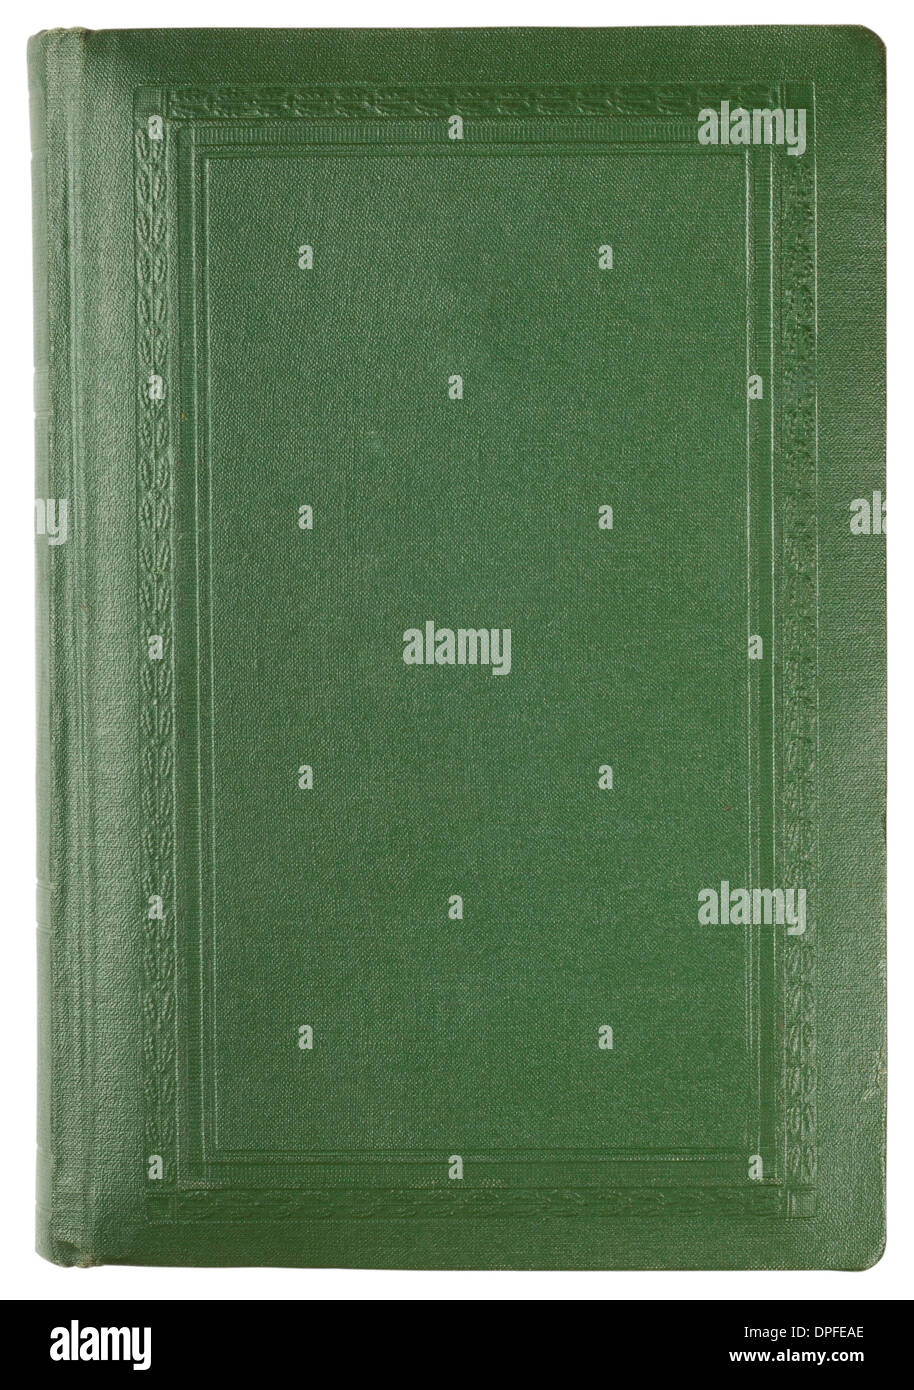 Copertina di un vecchio libro isolato su sfondo bianco Immagini Stock